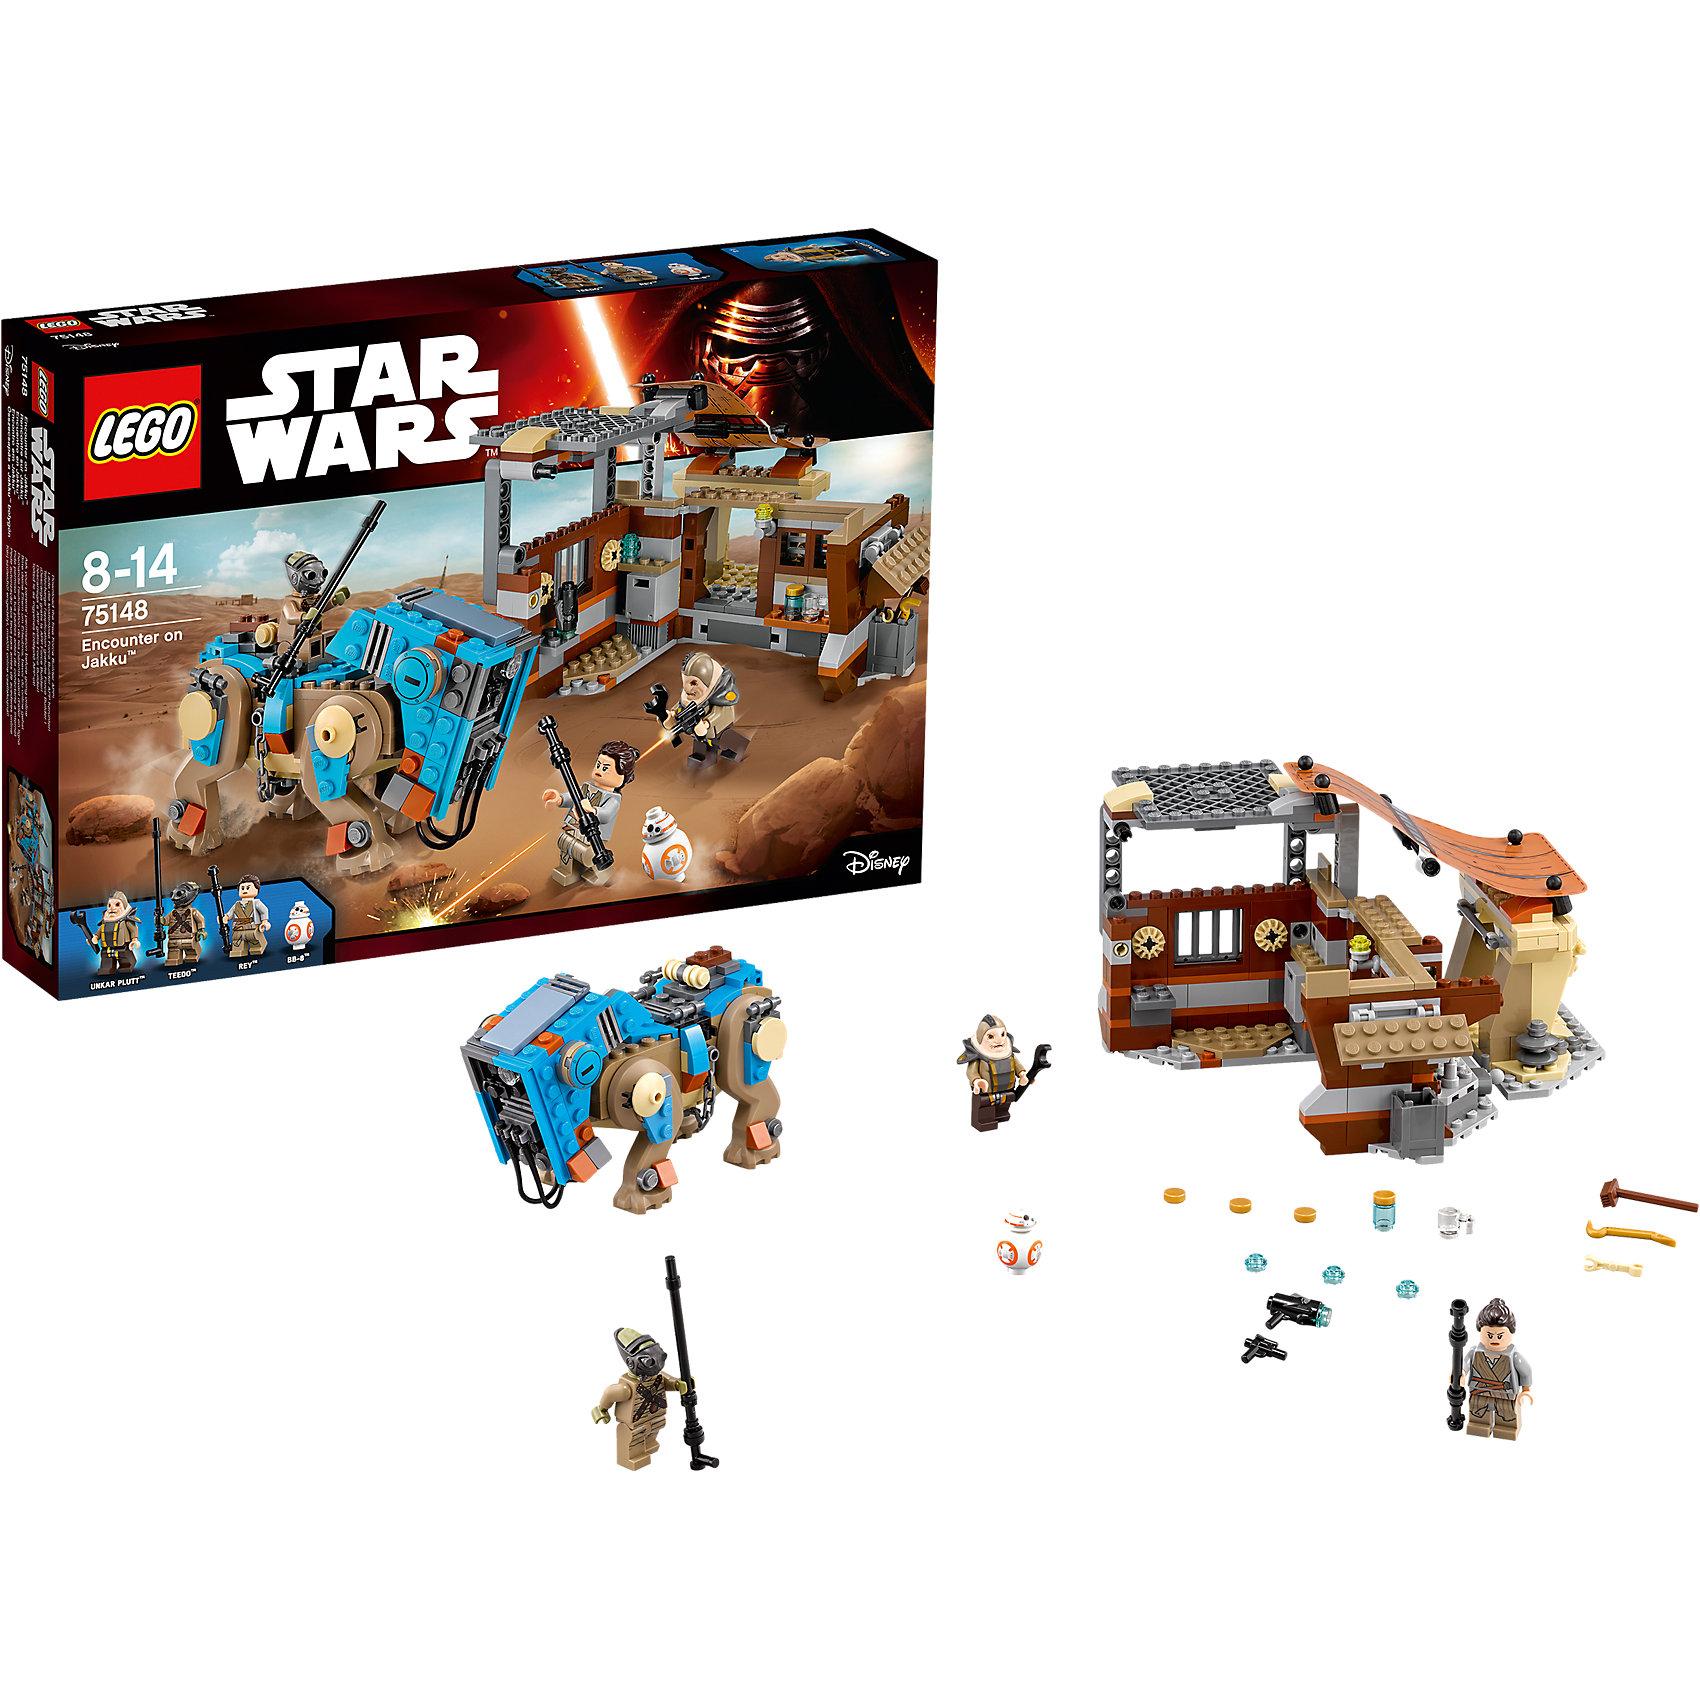 LEGO Star Wars 75148: Столкновение на ДжаккуПластмассовые конструкторы<br>Фильм Звездные войны и его героев любят множество современных мальчишек, поэтому набор Лего Star Wars, из которого можно собрать интересный сюжет по этому фильму, обязательно порадует ребенка. Такие игрушки помогают детям развивать воображение, мелкую моторику, логику и творческое мышление.<br>Набор состоит из множества деталей конструктора - с их помощью можно собрать декорации для игр, транспорт, а также в нем есть фигурки любимых персонажей! С таким комплектом можно придумать множество игр!<br><br>Дополнительная информация:<br><br>цвет: разноцветный;<br>размер коробки: 38 х 6 х 26 см;<br>вес: 633 г;<br>материал: пластик;<br>количество деталей: 530.<br><br>Набор Столкновение на Джакку от бренда LEGO Star Wars можно купить в нашем магазине.<br><br>Ширина мм: 385<br>Глубина мм: 263<br>Высота мм: 63<br>Вес г: 690<br>Возраст от месяцев: 96<br>Возраст до месяцев: 168<br>Пол: Мужской<br>Возраст: Детский<br>SKU: 4641251